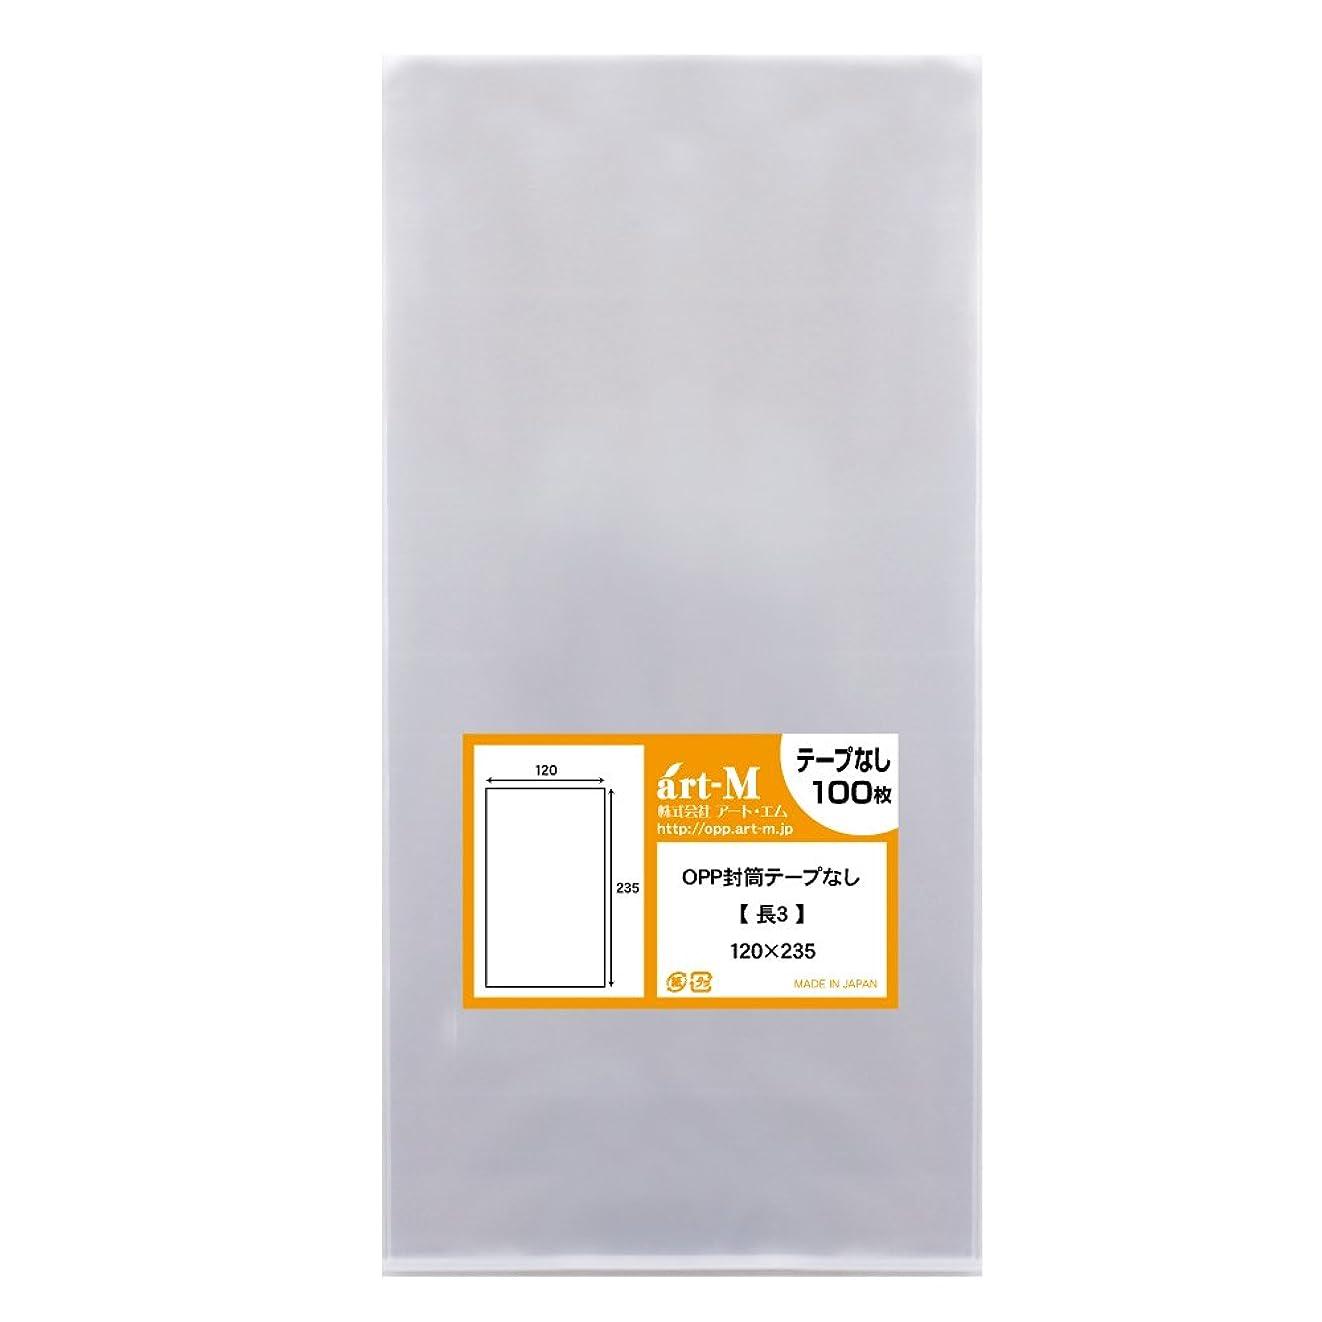 モッキンバードシリーズ補足OPP袋 ピュアパック S10.5-15.5(はがき用) 100枚 (4パック)